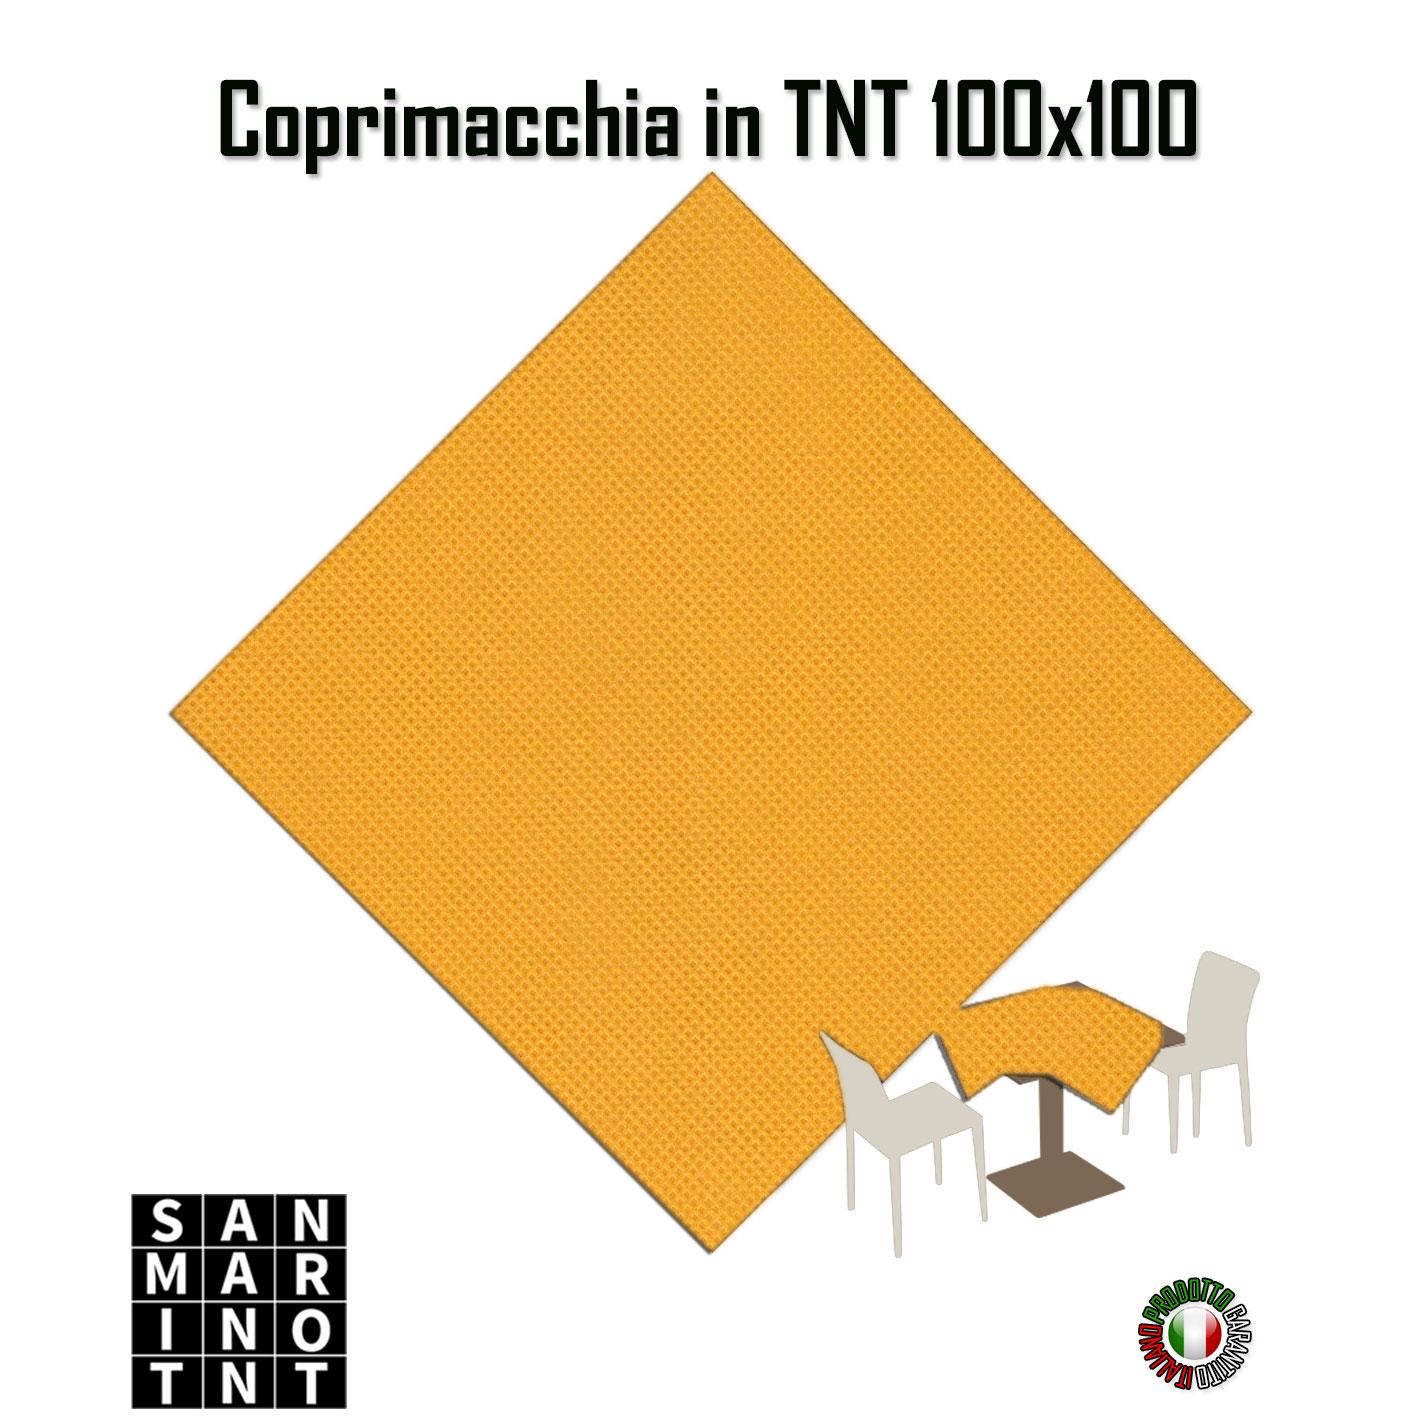 Coprimacchia-monouso-tnt-100x100-giallo tovaglioli monouso Tovaglioli monouso – motivo maiolike Coprimacchia monouso tnt 100x100 giallo ocra